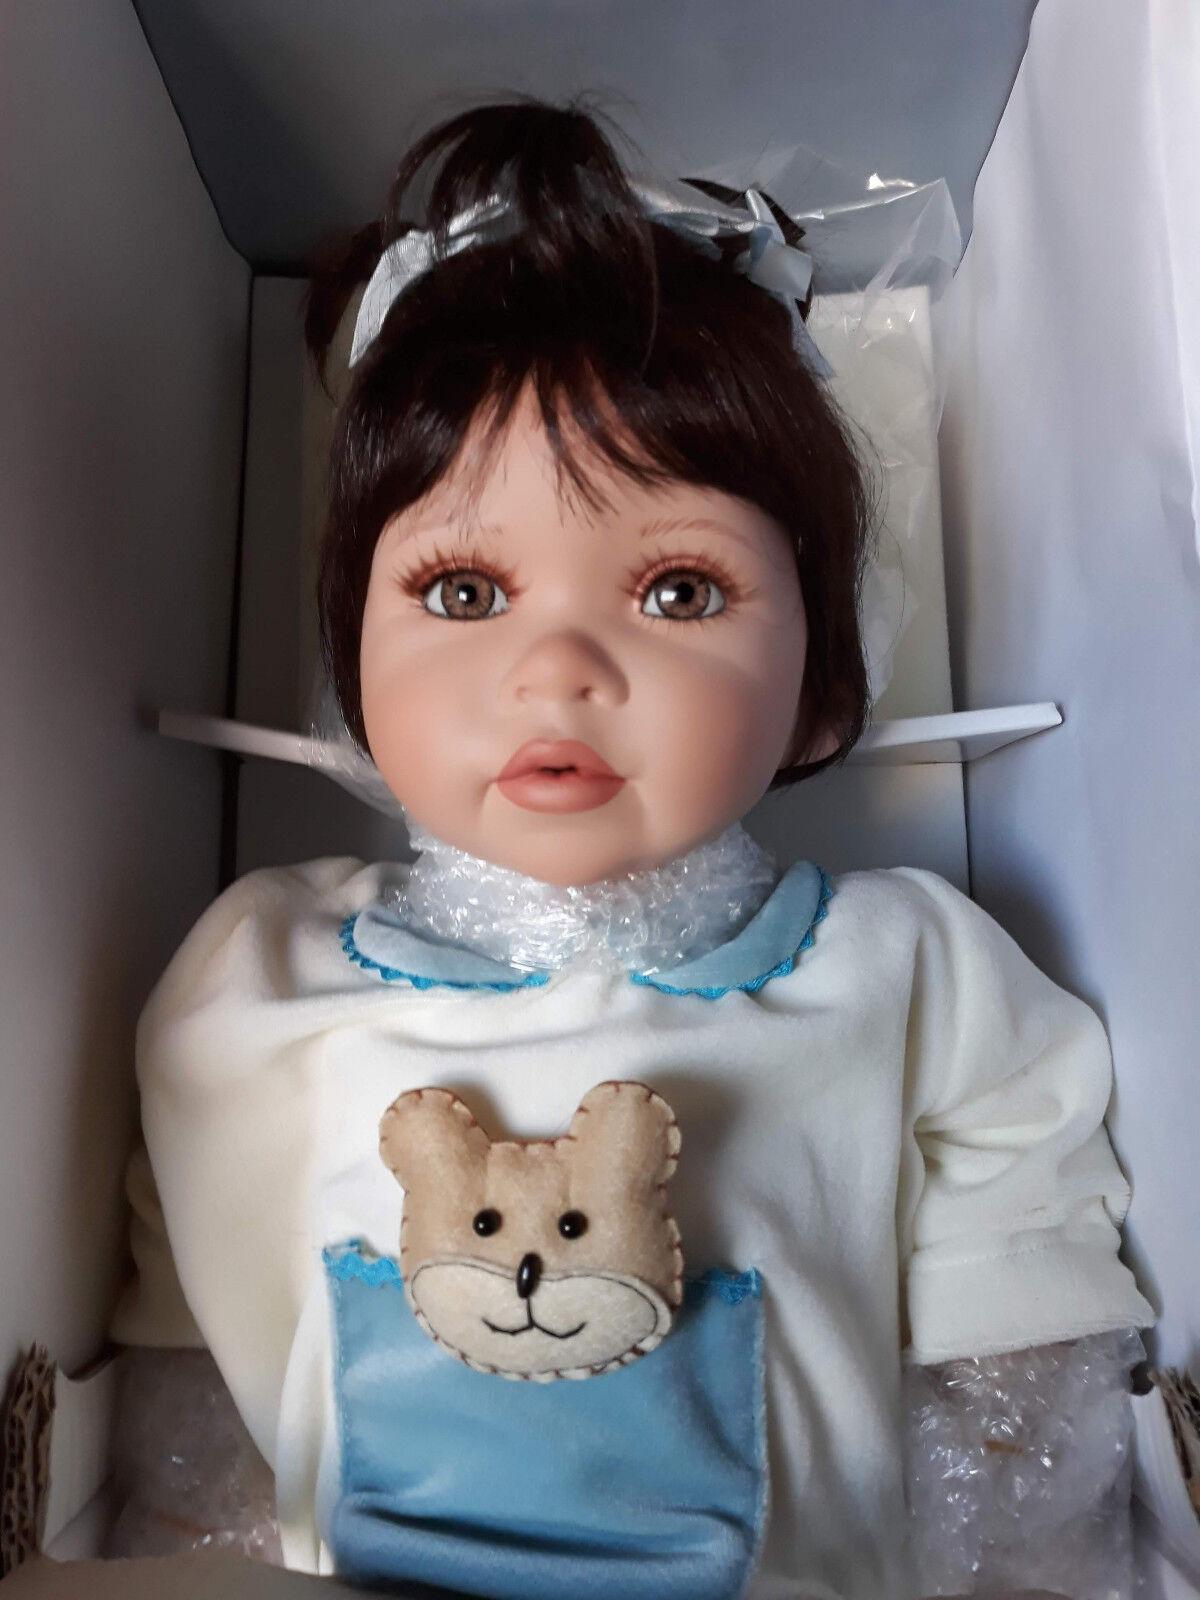 Original de porcelana artistas muñeca p. Mackie sandra muñeca de porcelana